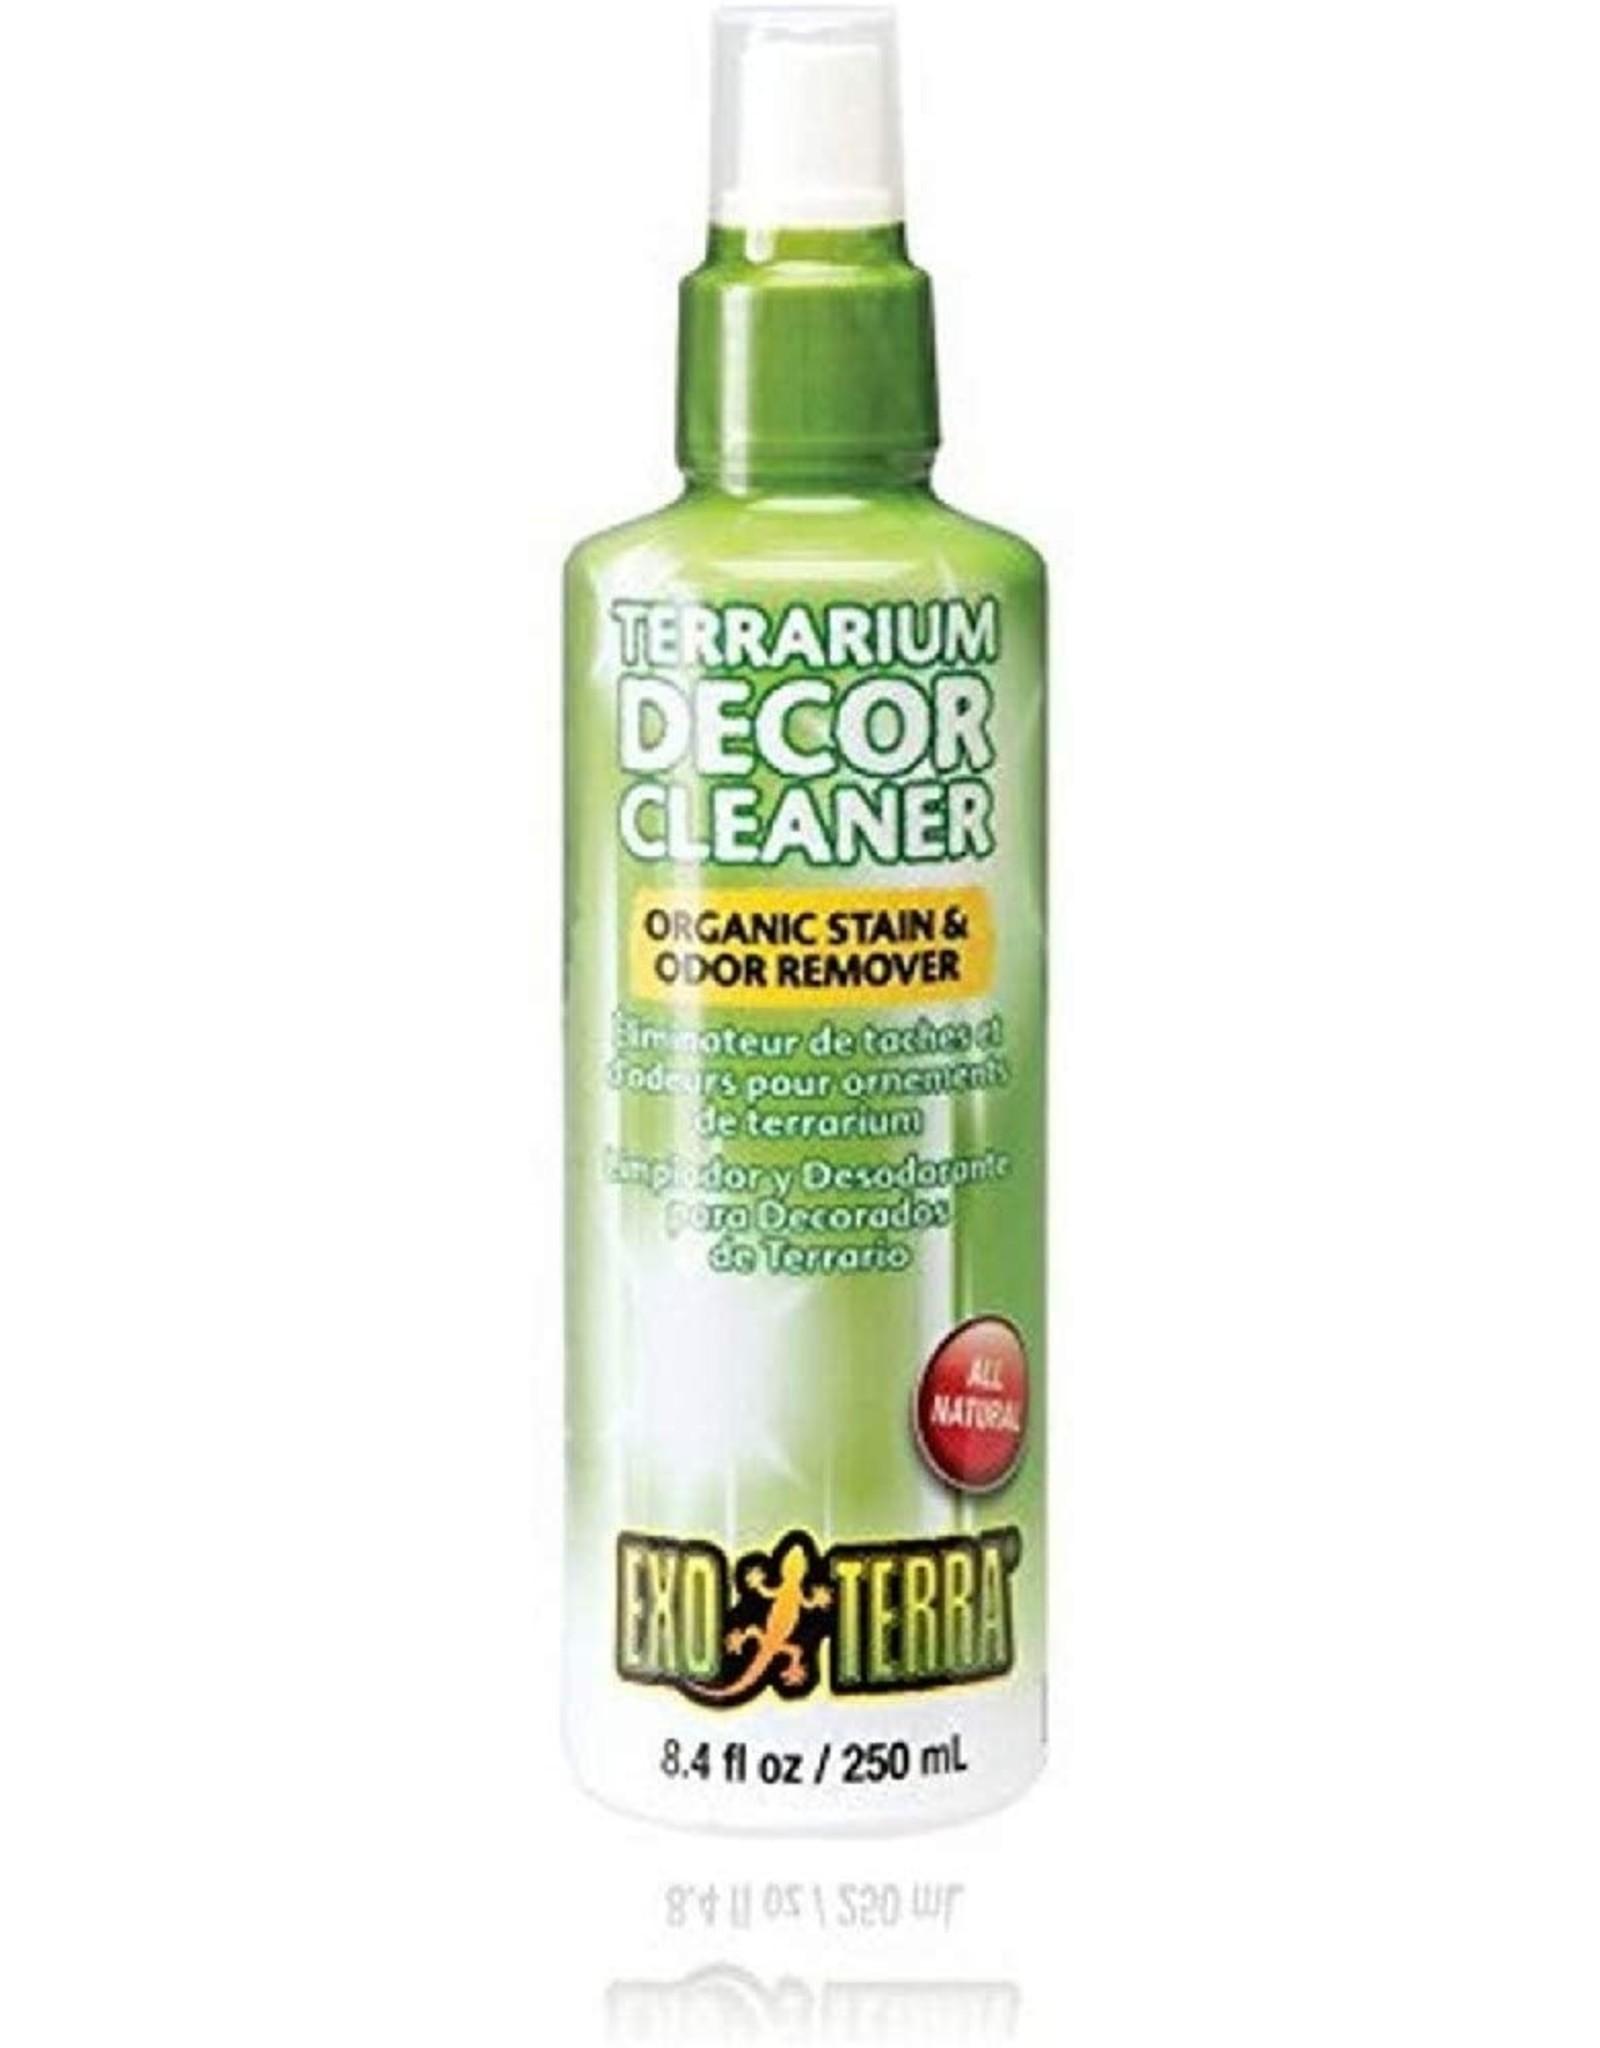 Exo Terra EXO TERRA Terrarium Decor Cleaner 250ml